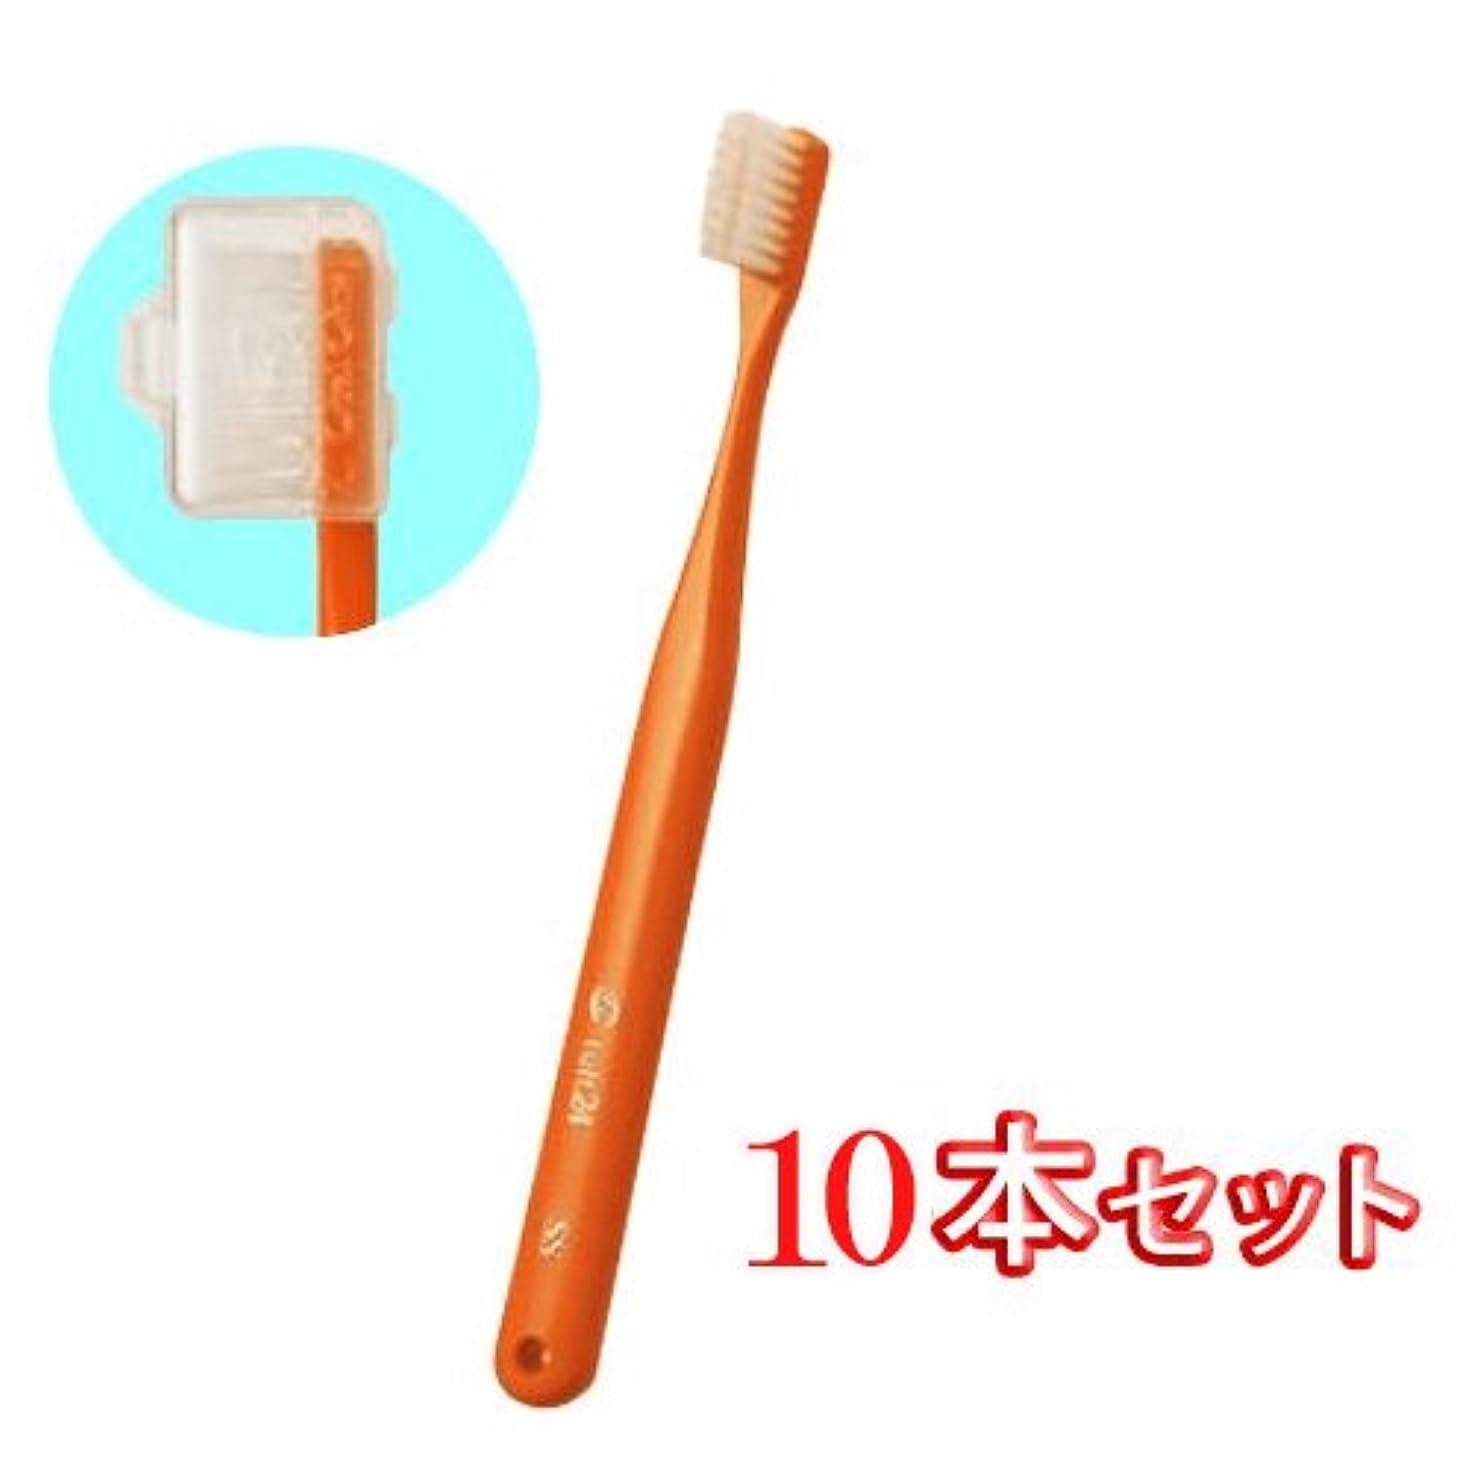 達成八公オーラルケア キャップ付き タフト 24 歯ブラシ スーパーソフト 10本 (オレンジ)